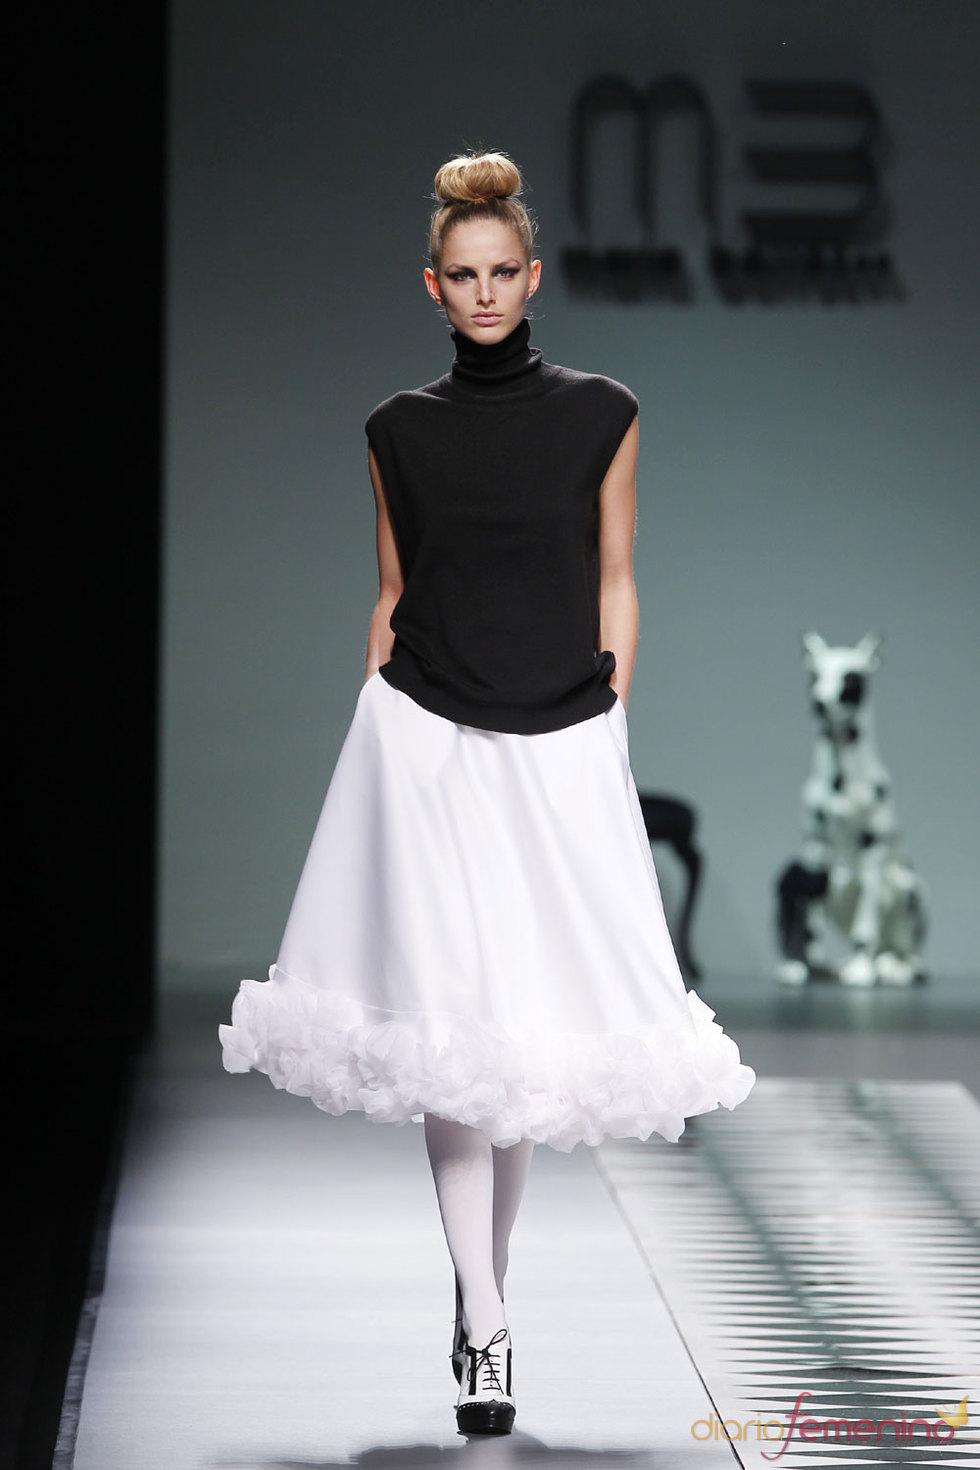 Colección de la diseñadora María Barros para el Otoño Invierno 2010-2011